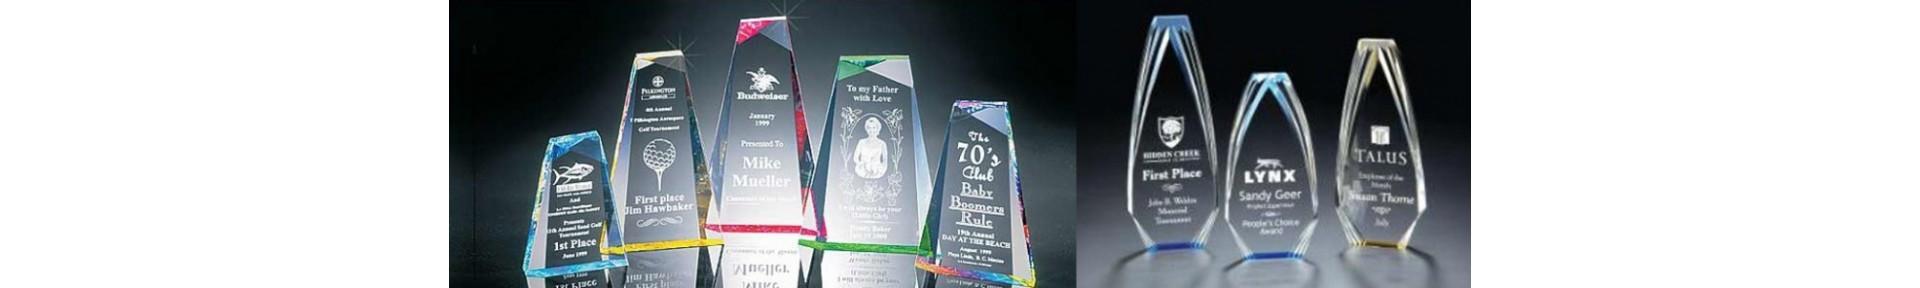 Acrylic Awards,Acrylic Trophies,Engraved Acrylic Awards